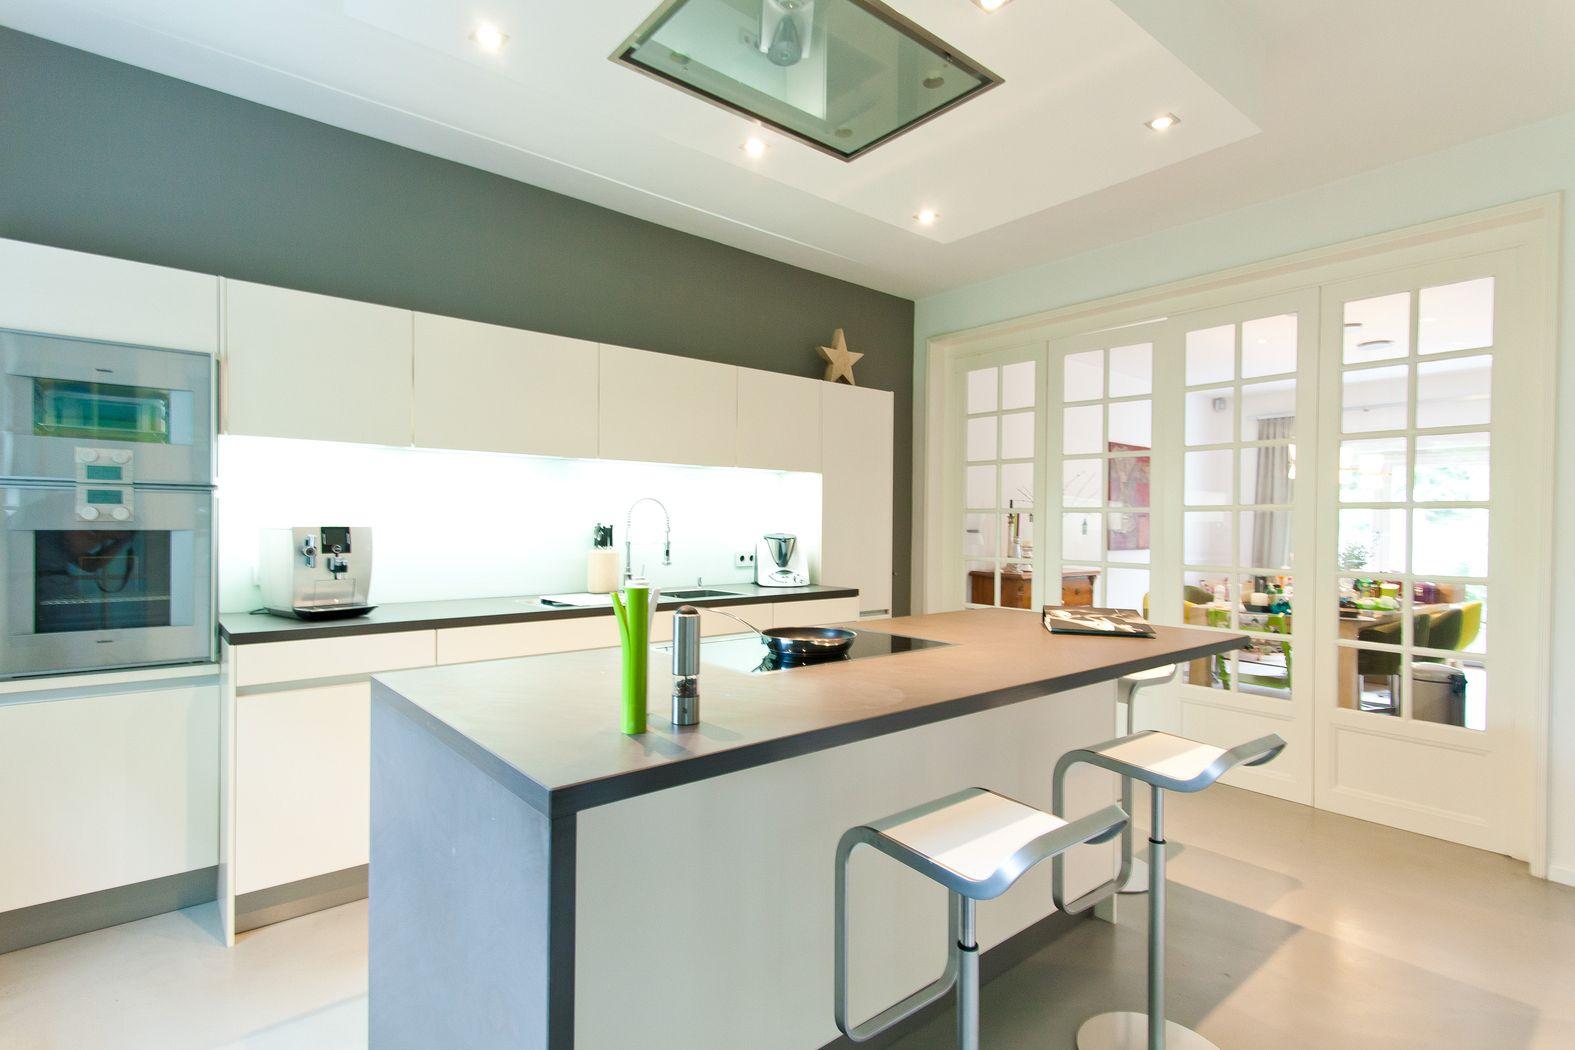 Küchen outlet  Küchen Outlet Nrw esseryaad.info Finden Sie Tausende von Ideen ...